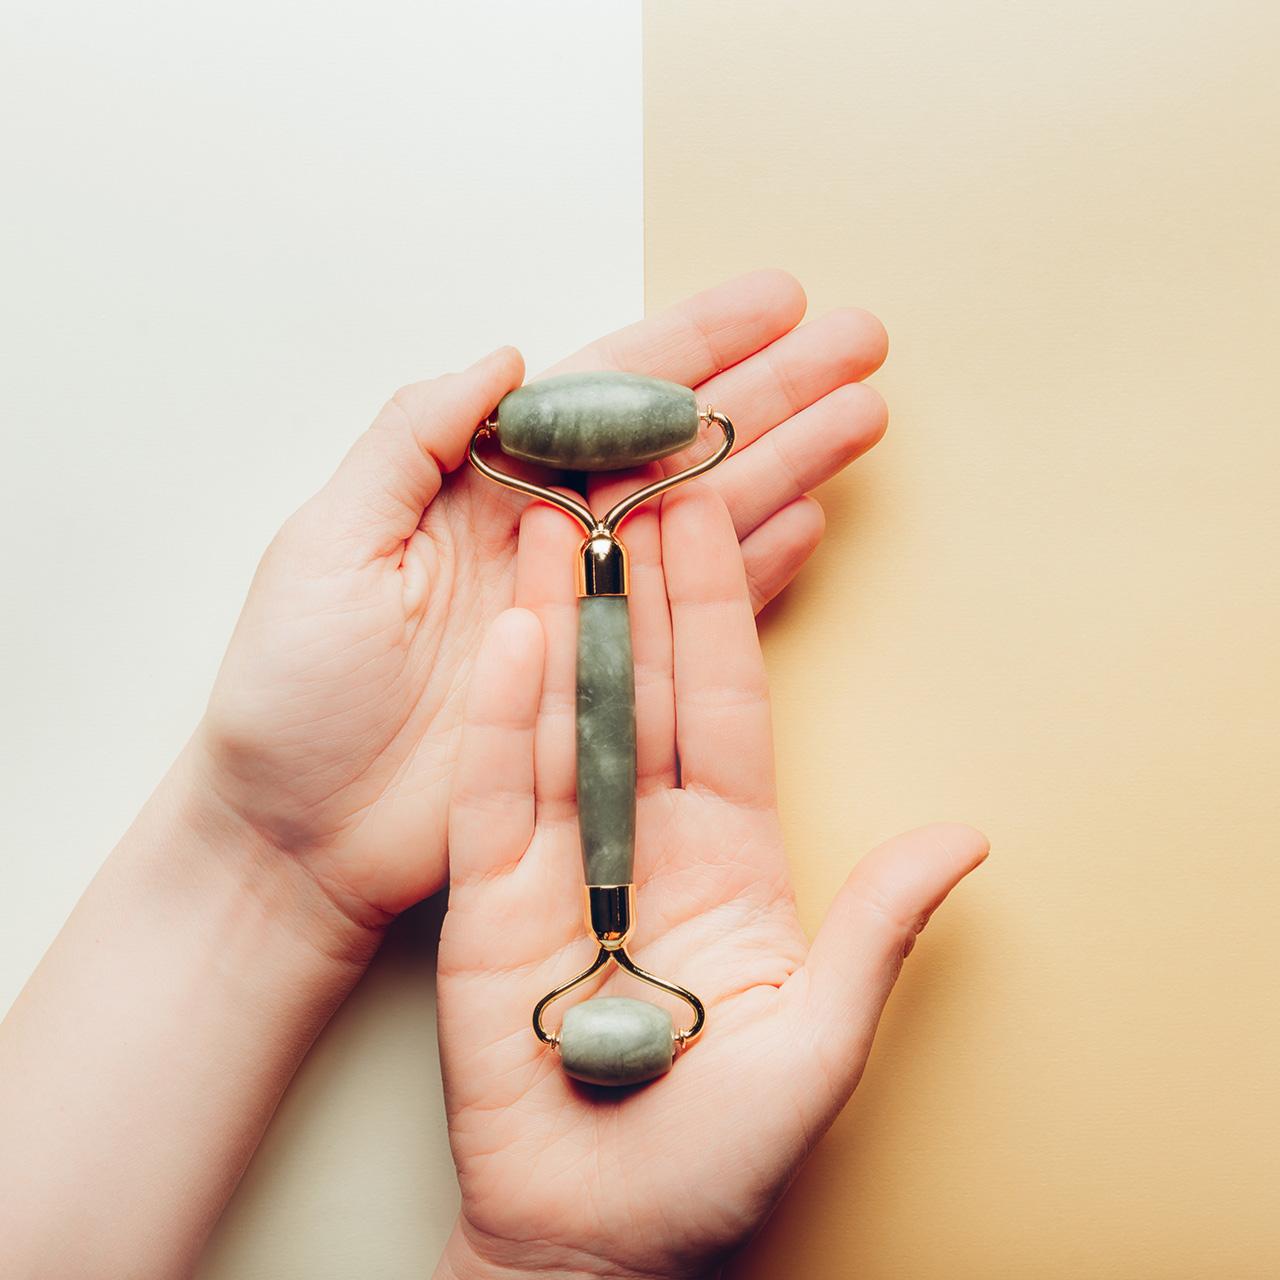 Lerántjuk a jade-hengerről a leplet! Valóban hasznos vagy inkább csak divatos?